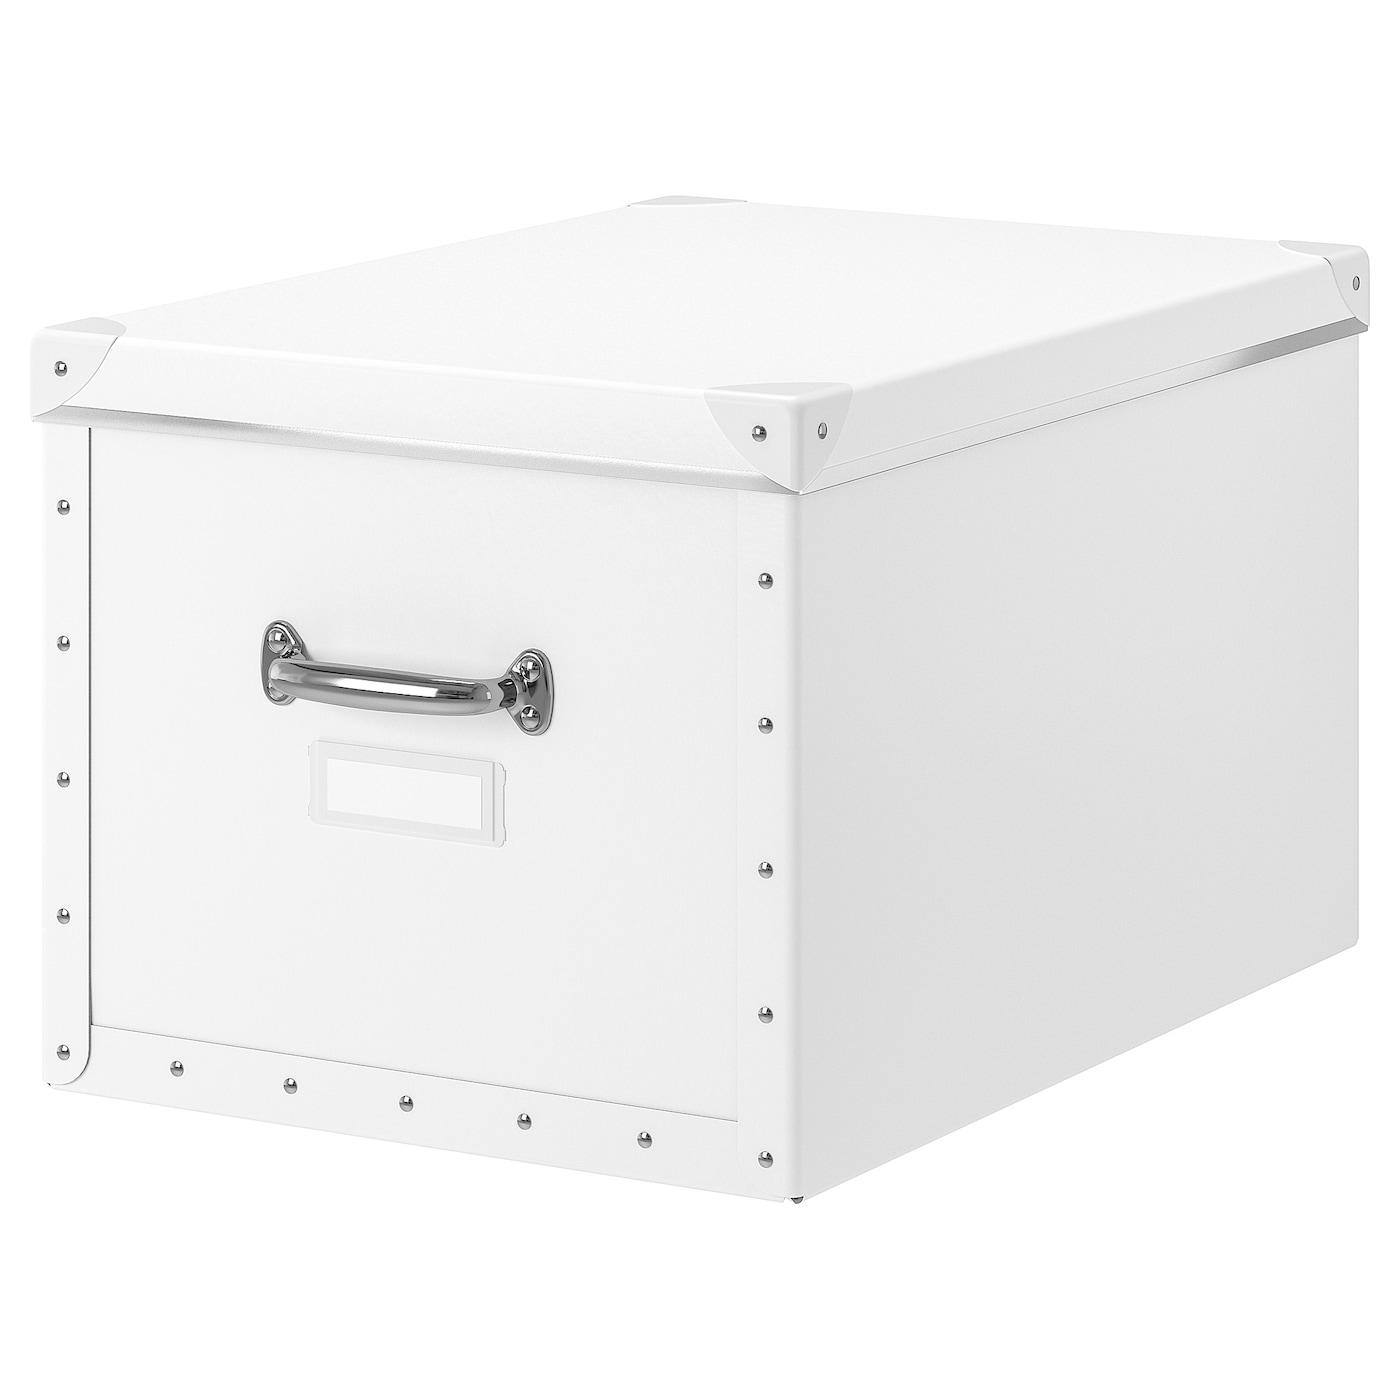 Fj 196 Lla Storage Box With Lid White Ikea